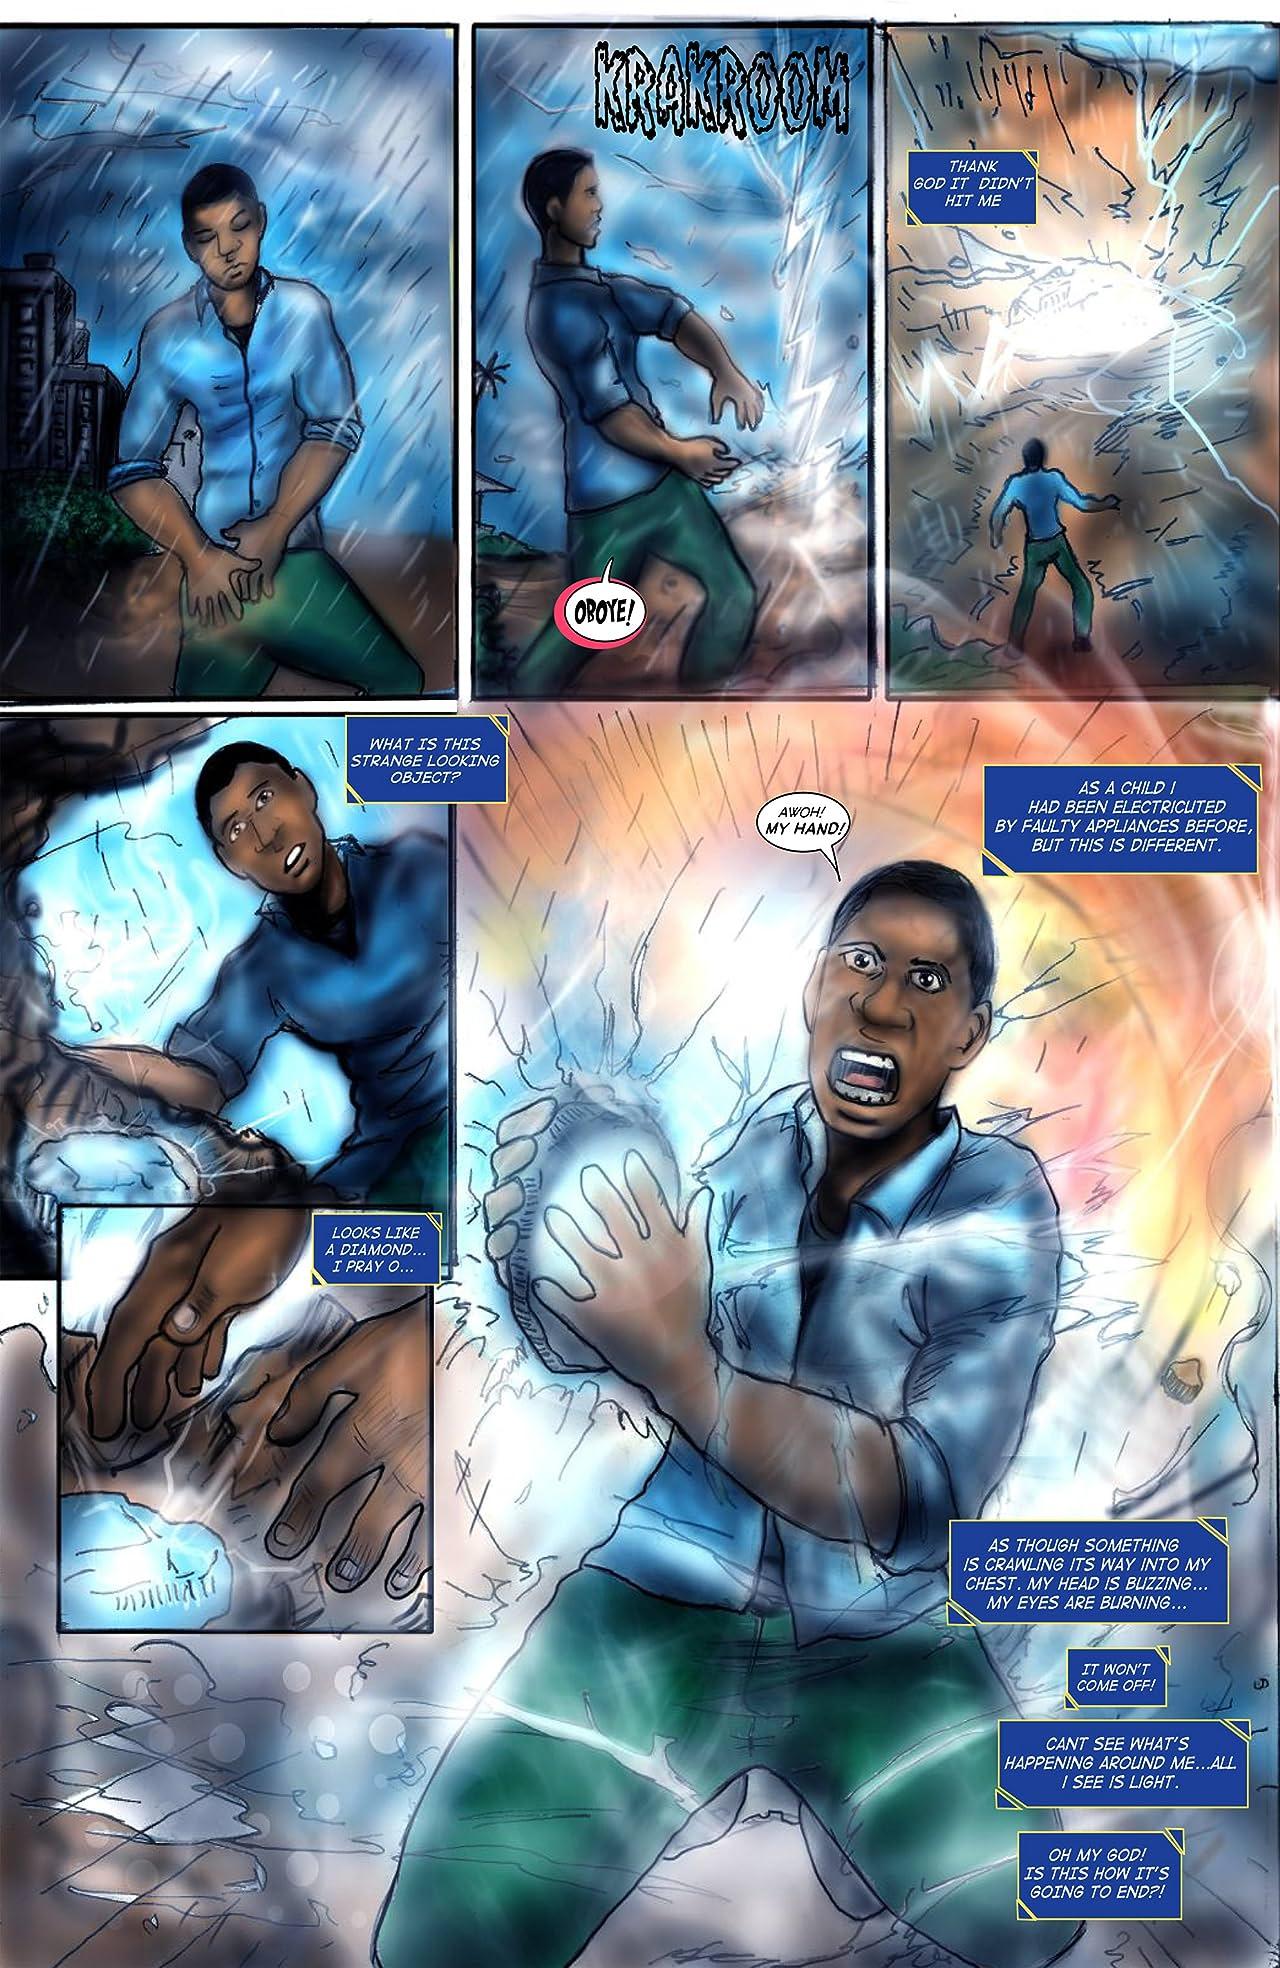 Shadow Justice #1